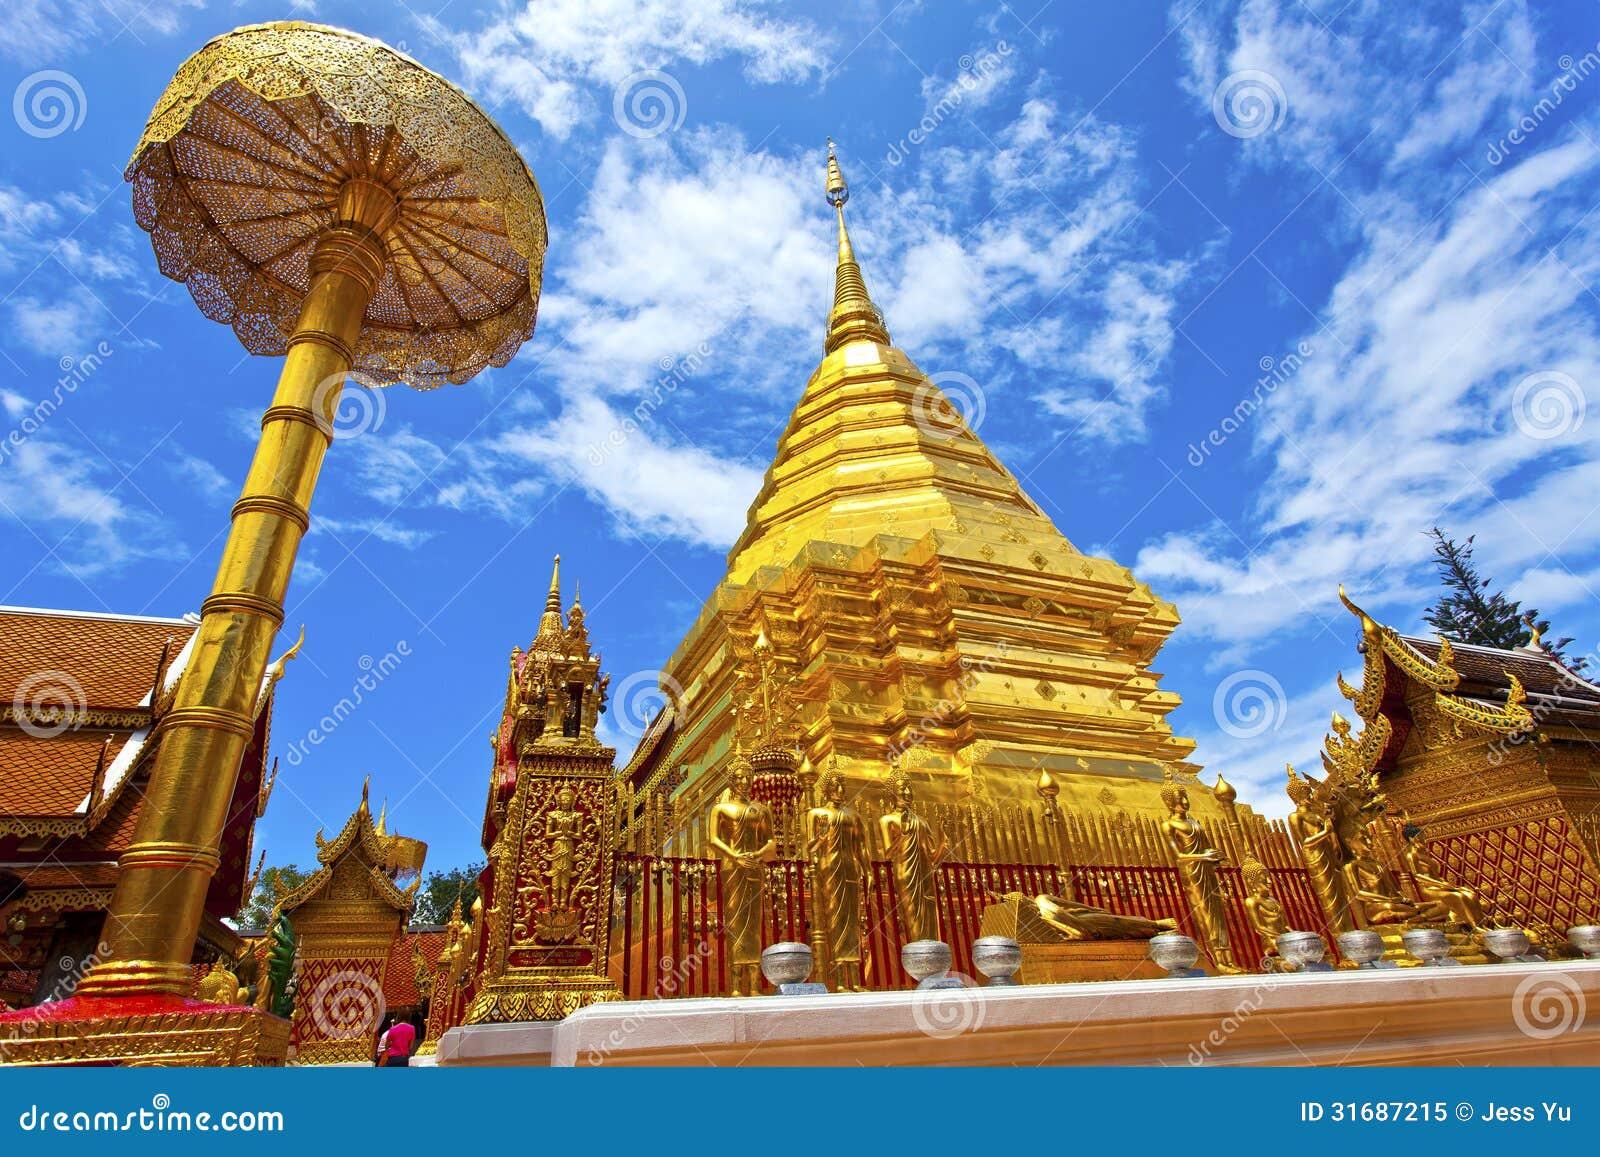 去泰国免筺(_寺庙在清迈,泰国. 免版税库存照片 - 图片: 31687215